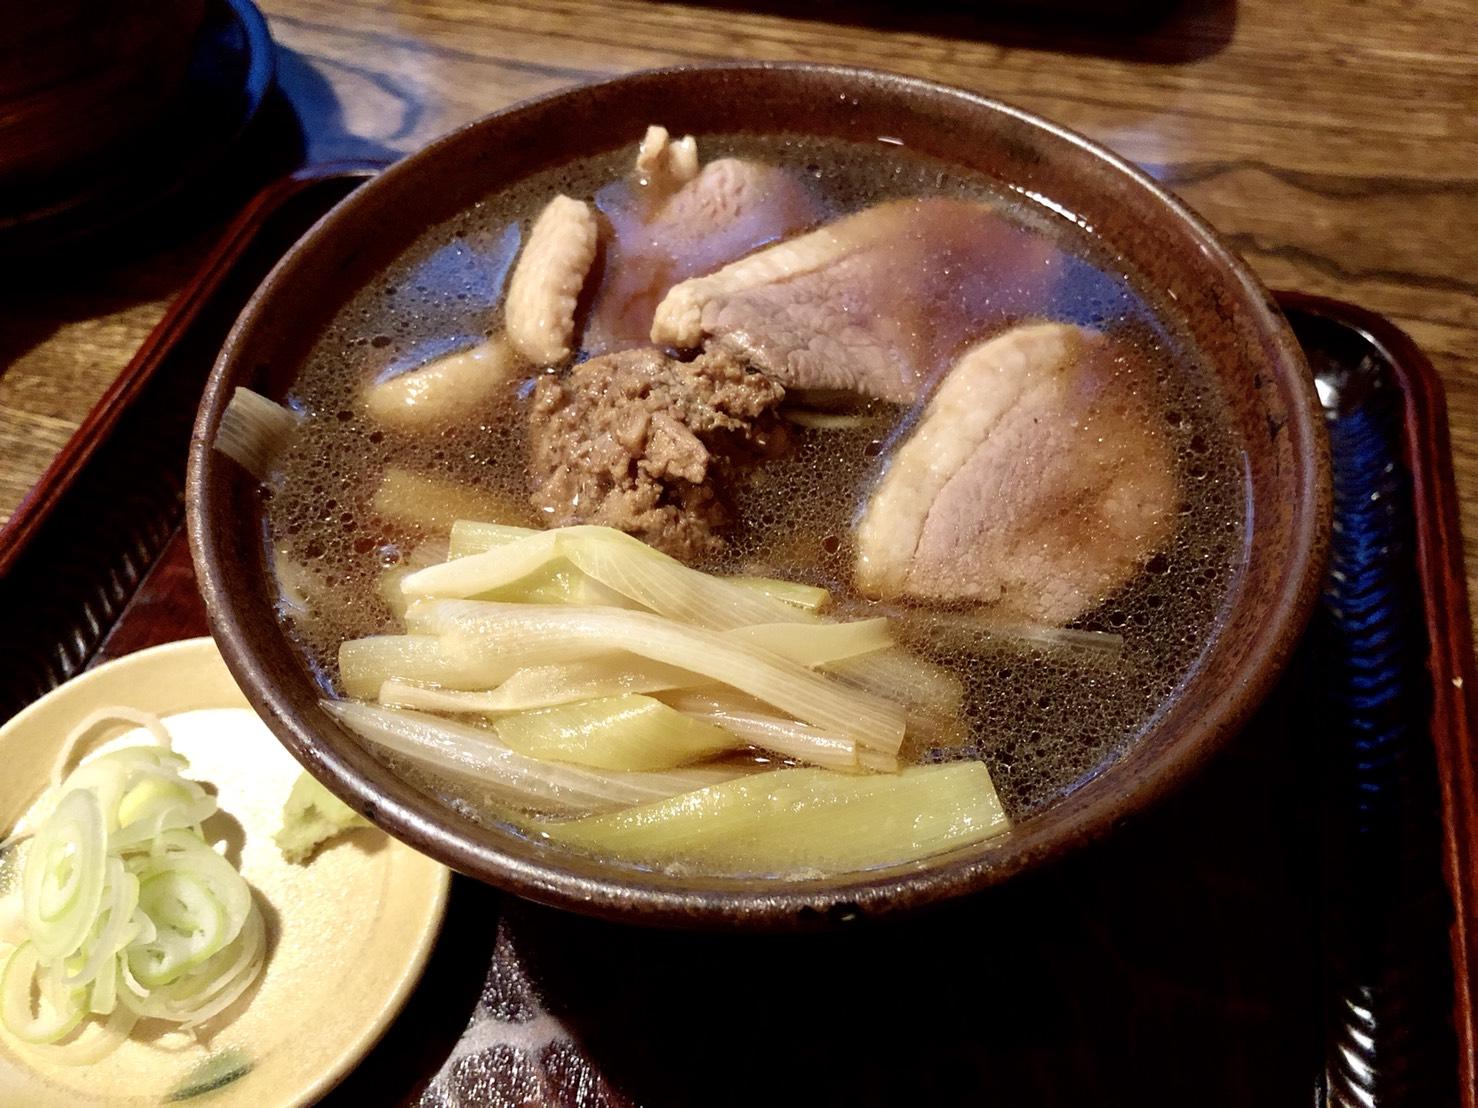 並木藪蕎麦(鴨南蛮)